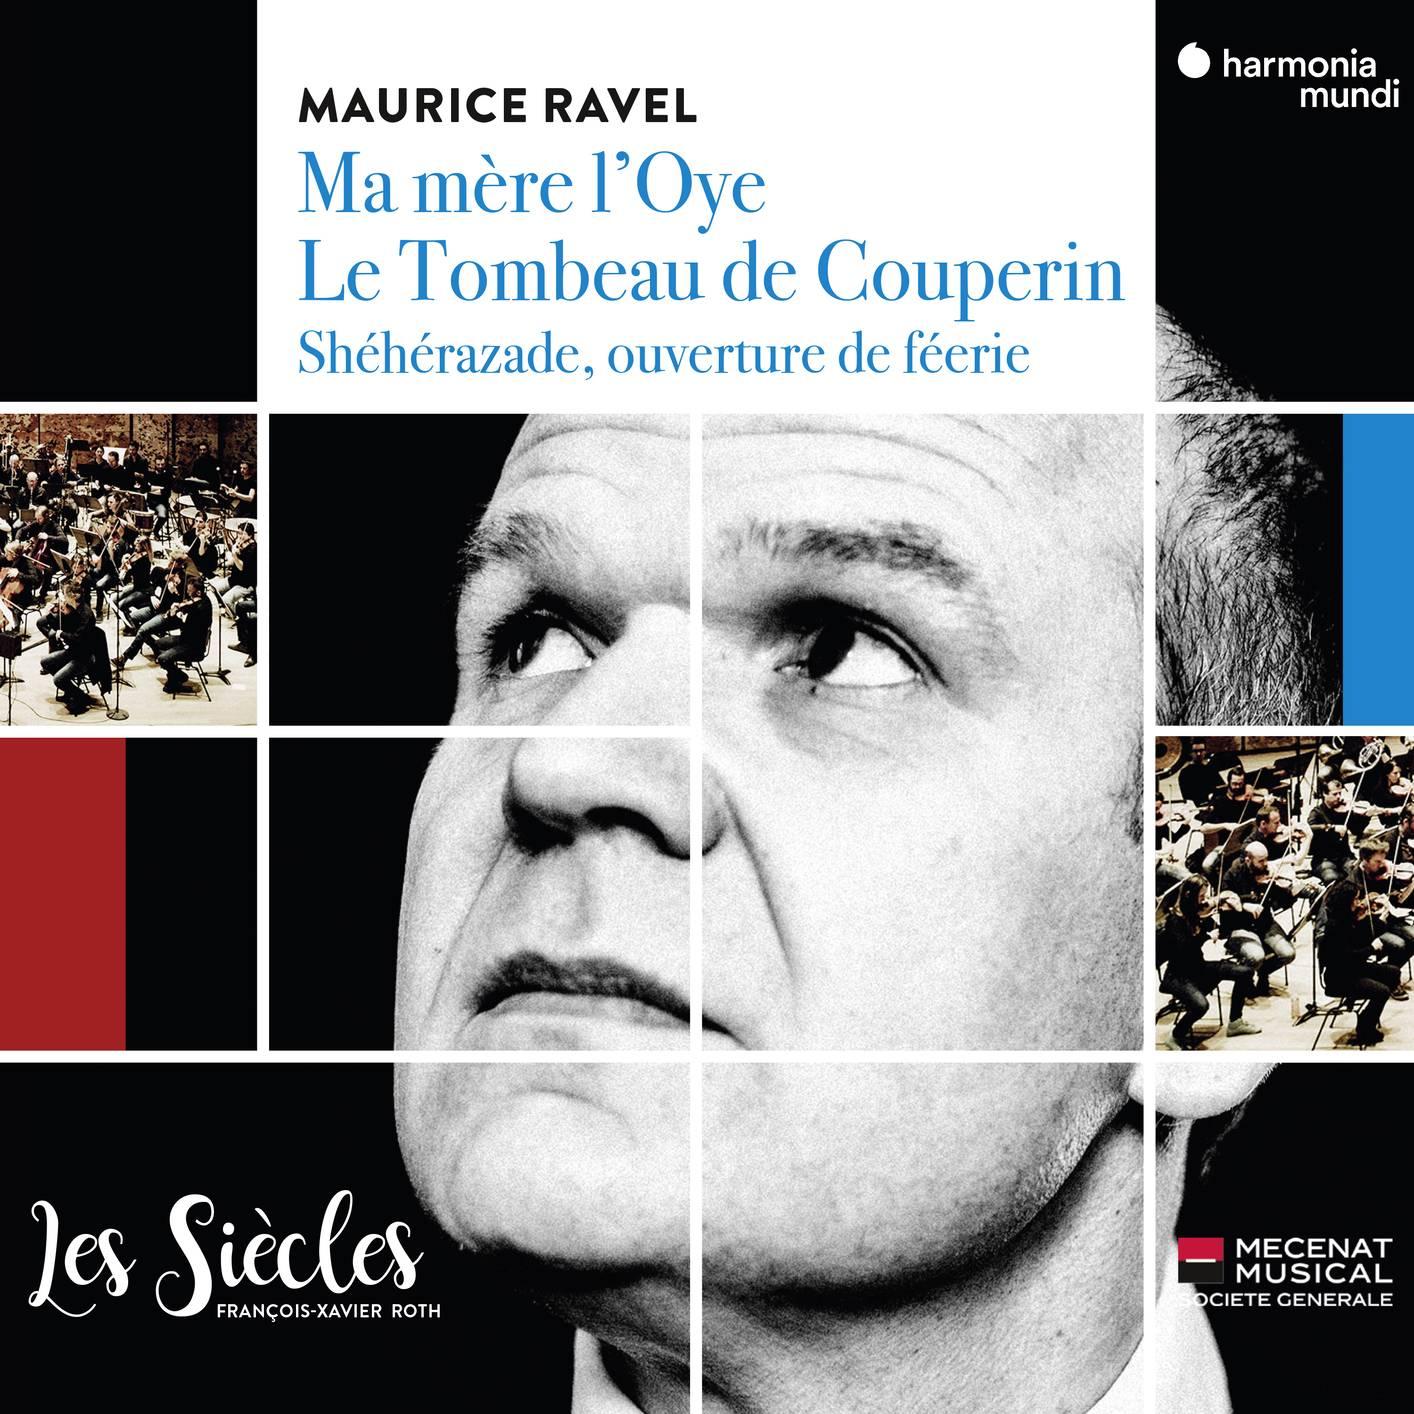 Les Siècles & François-Xavier Roth - Ravel: Ma Mère l'Oye, Le tombeau de Couperin (2018) [Official Digital Download]